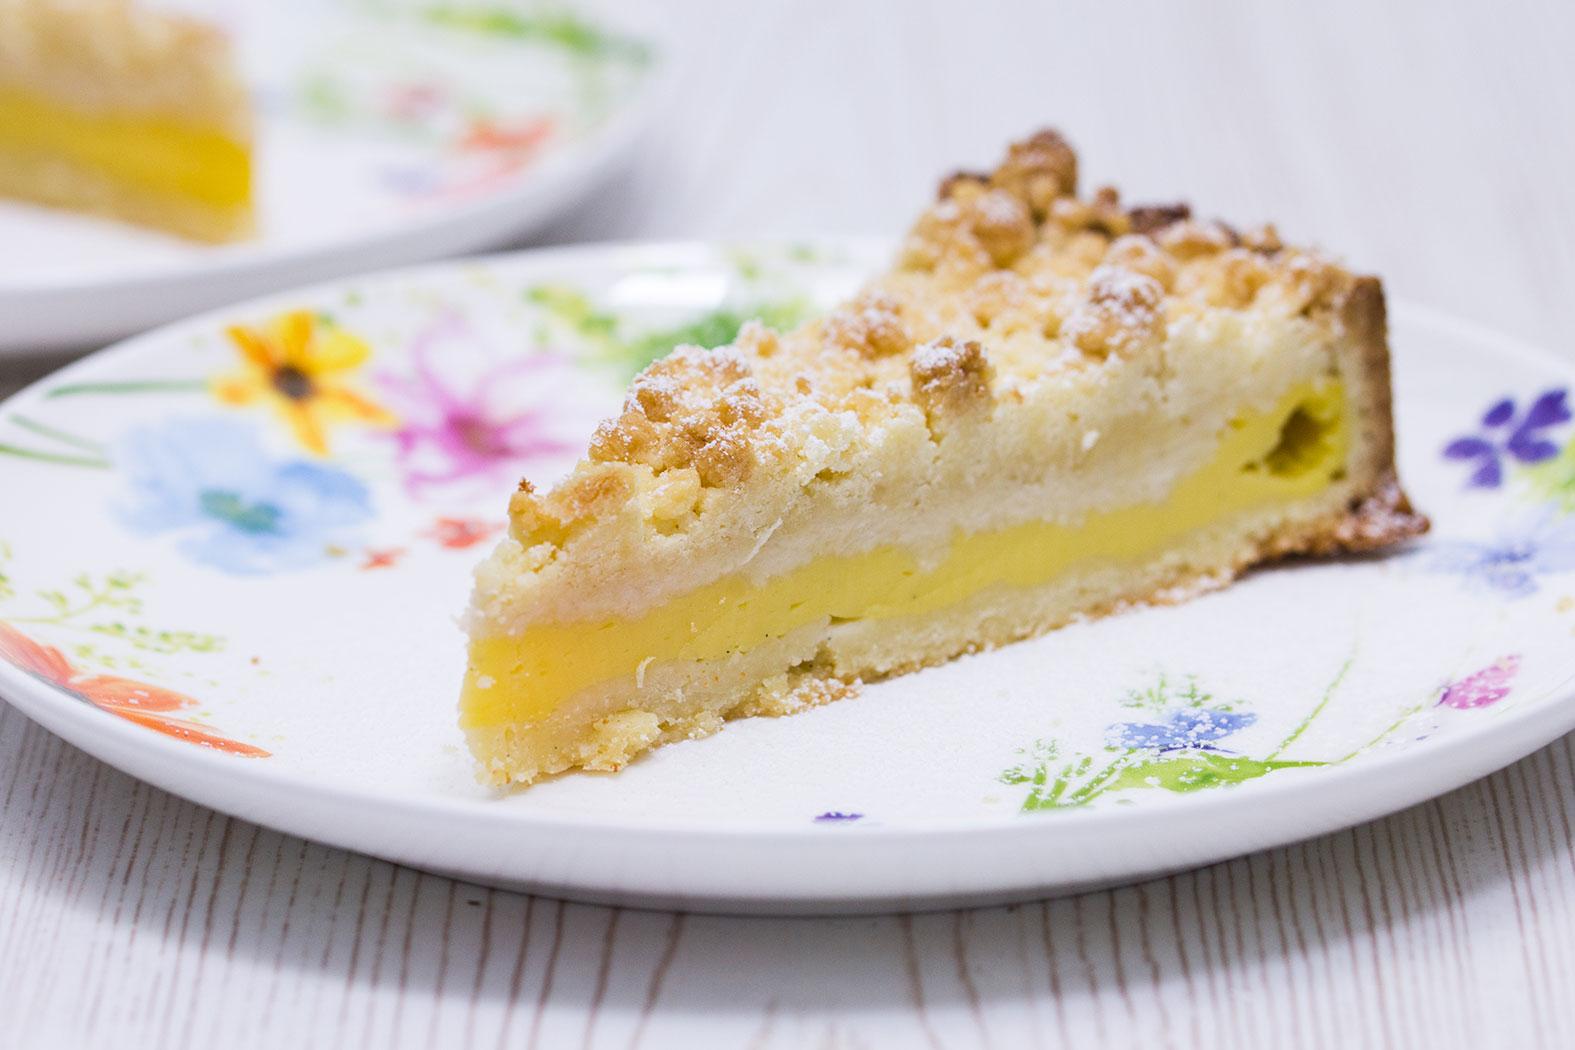 Vanillepudding Streuselkuchen Rezept Verzuckert Blog De